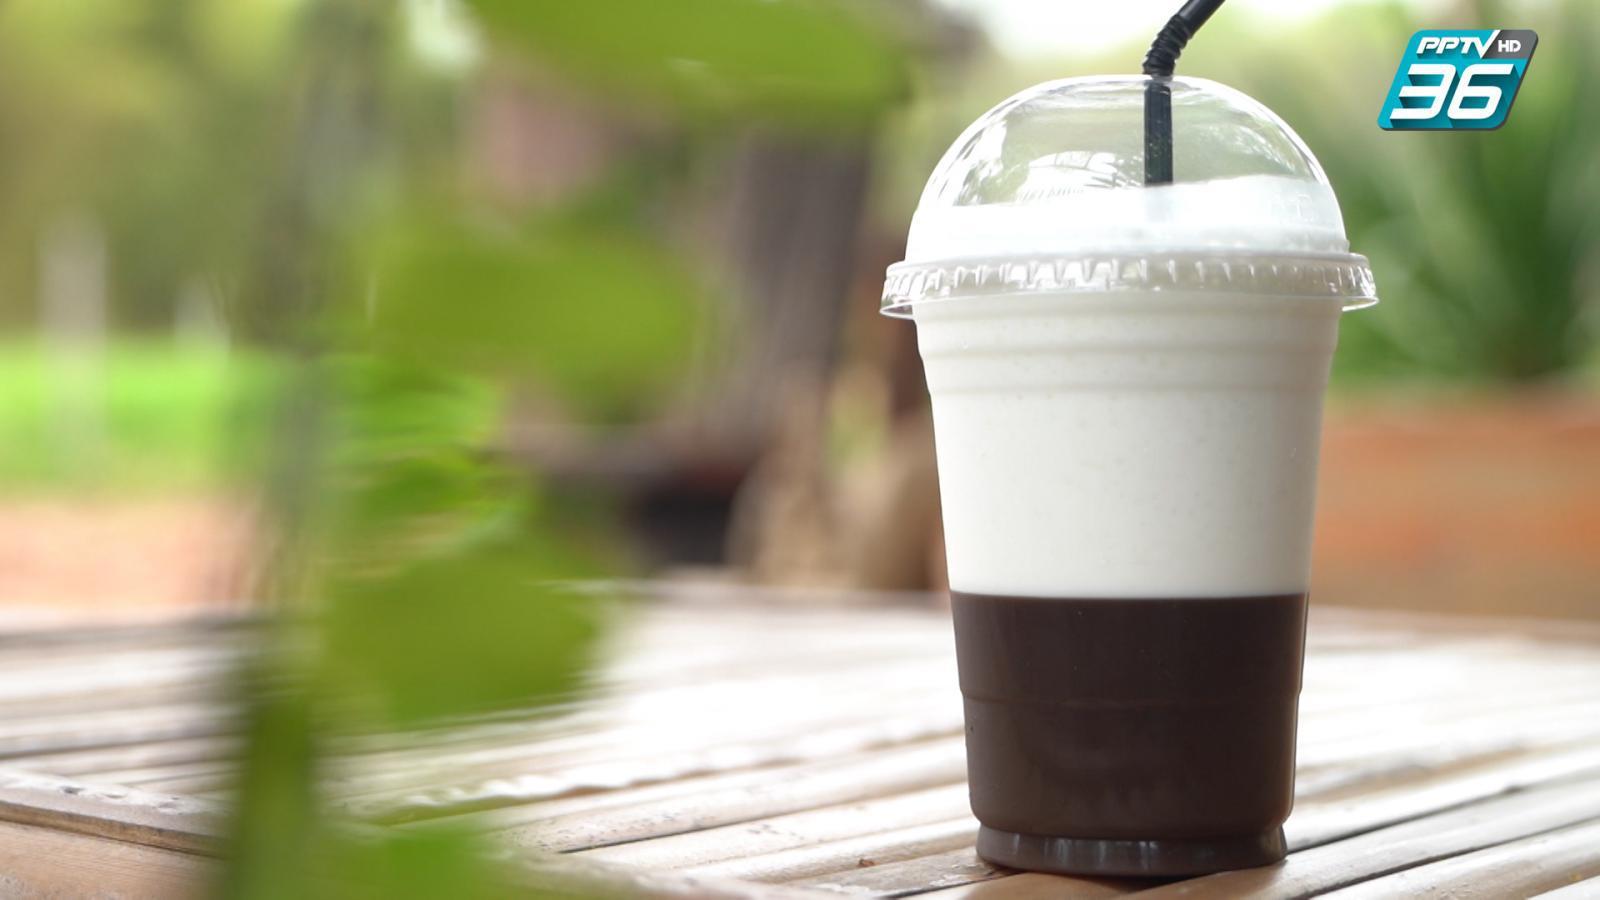 ดูเพลินๆ | วงการเหล้าวุ้นต้องสะเทือน เมื่อกาแฟก็ทำวุ้นได้! | เที่ยวให้สุด สมุดโคจร EP.20